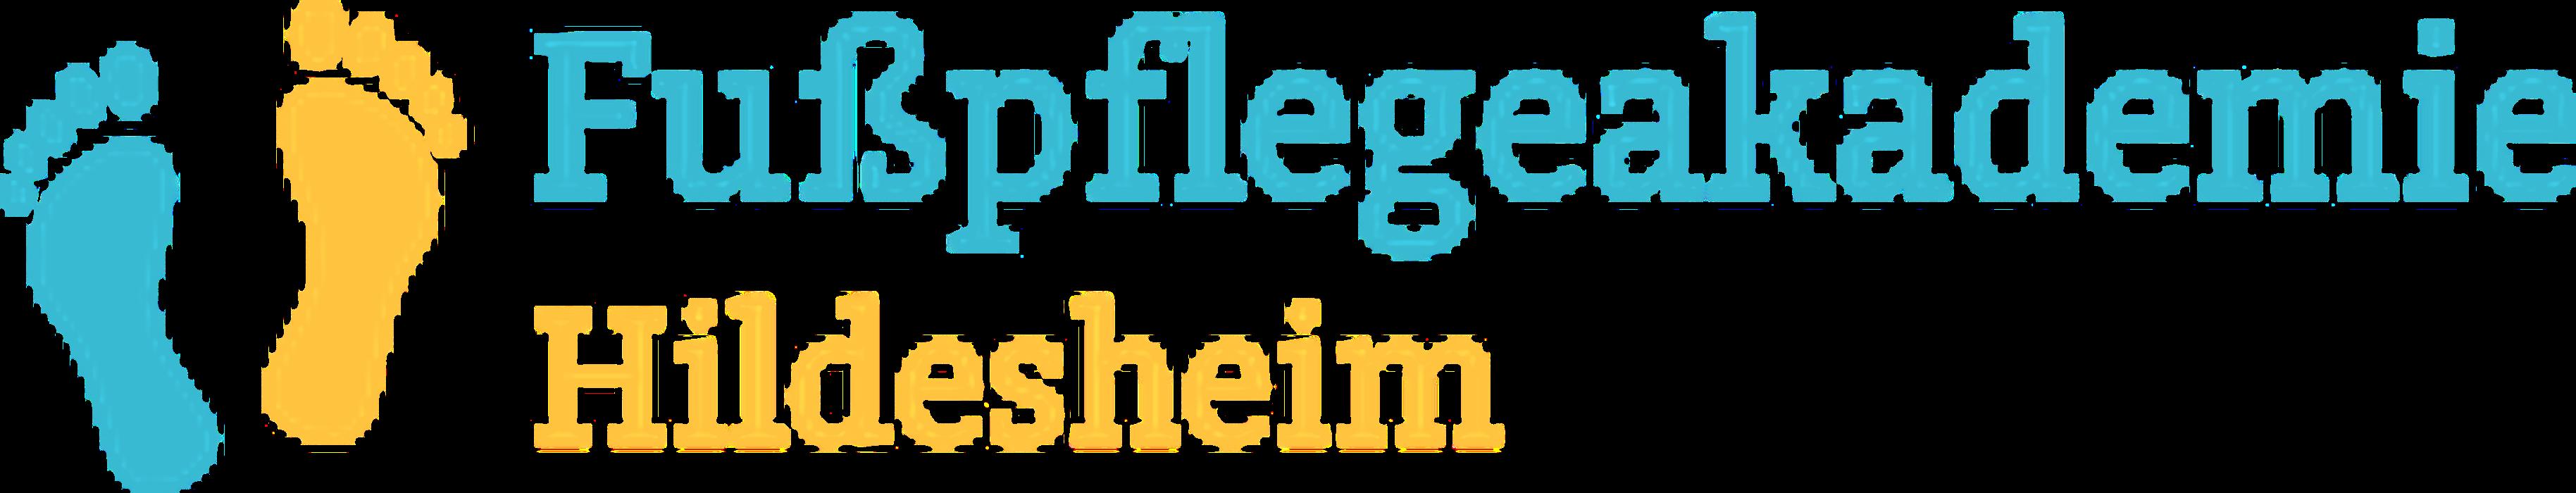 Bild zu Fußpflege Akademie Hildesheim in Hildesheim